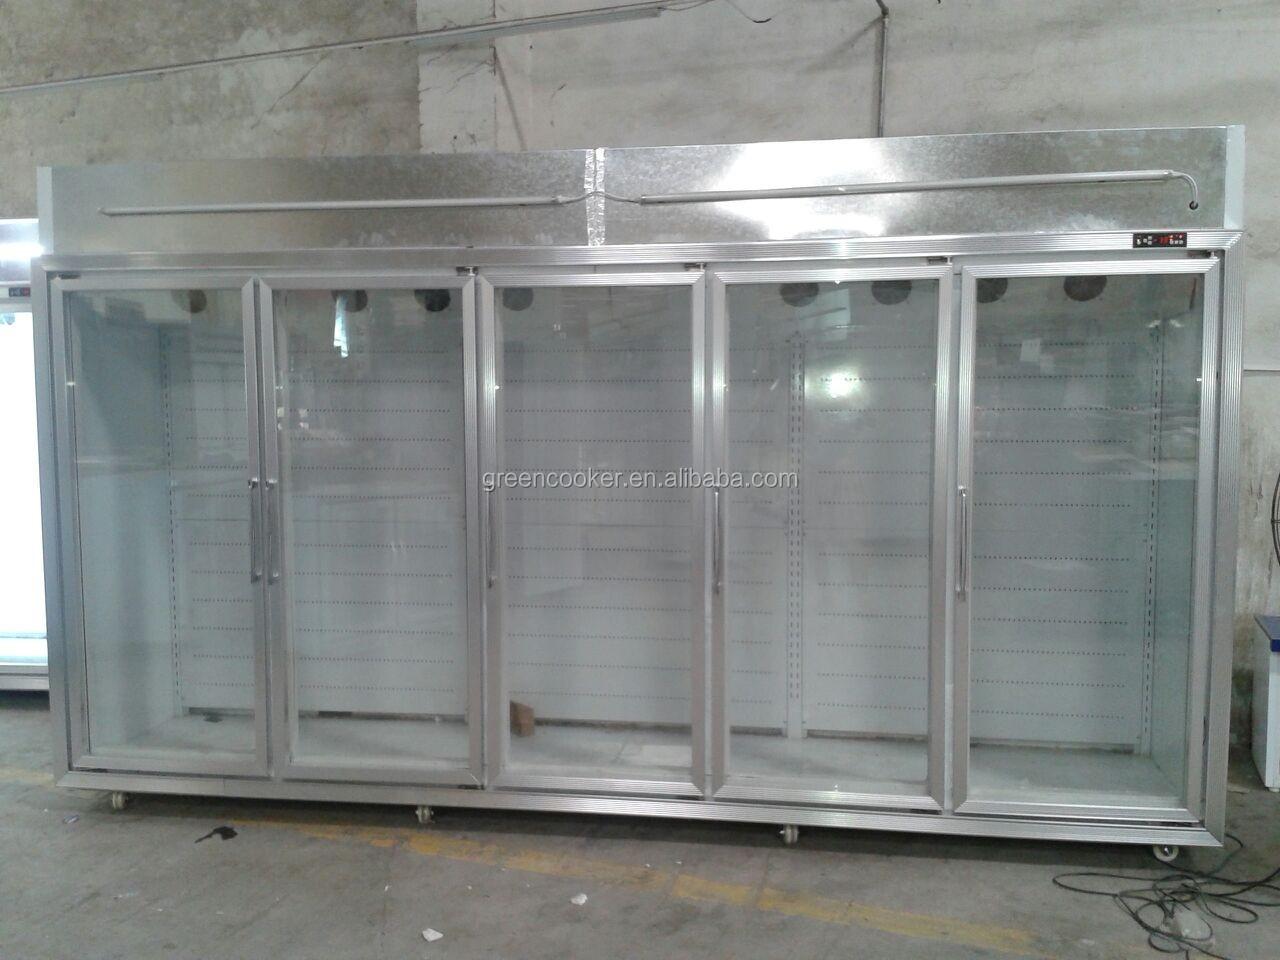 Glass Door Commercial Freezer Refrigerator Buy Glass